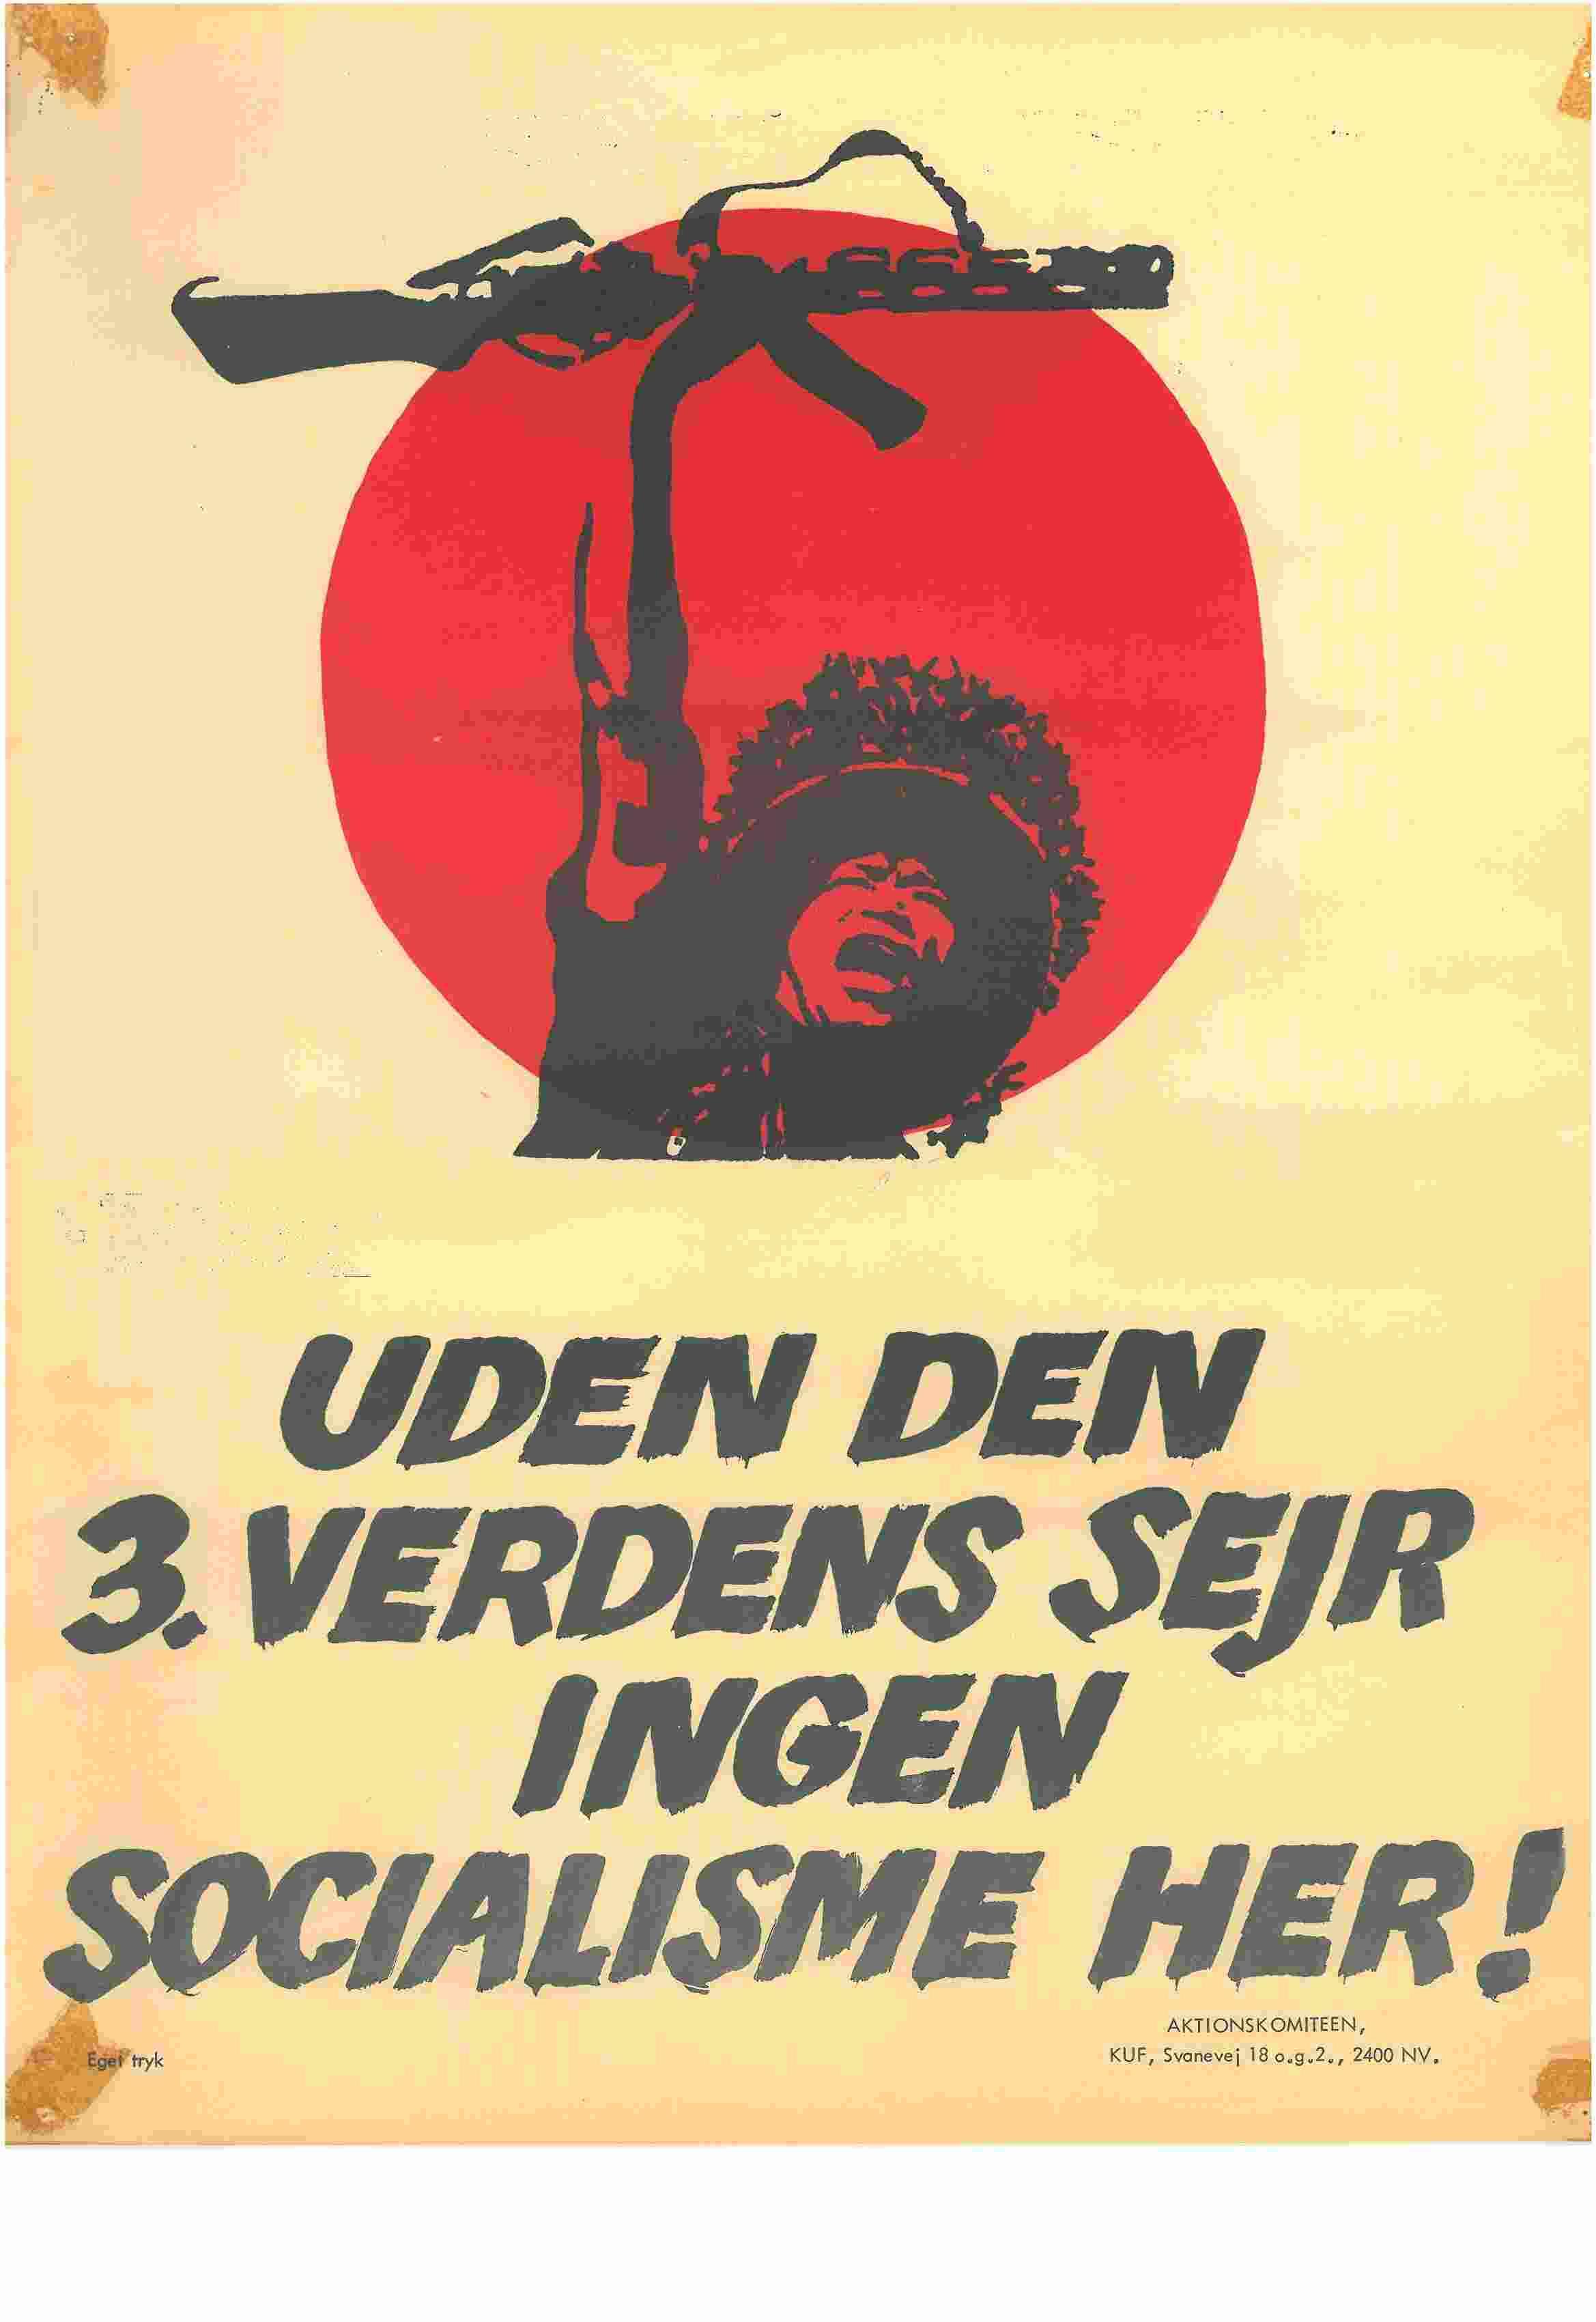 Plakat udgivet af KUF/Den antiimperialistiske Aktionskomite, ca. 1969-1970. Trykt som både plakat og klistermærke. Tekst: U 3. verdens sejr ingen socialisme her!